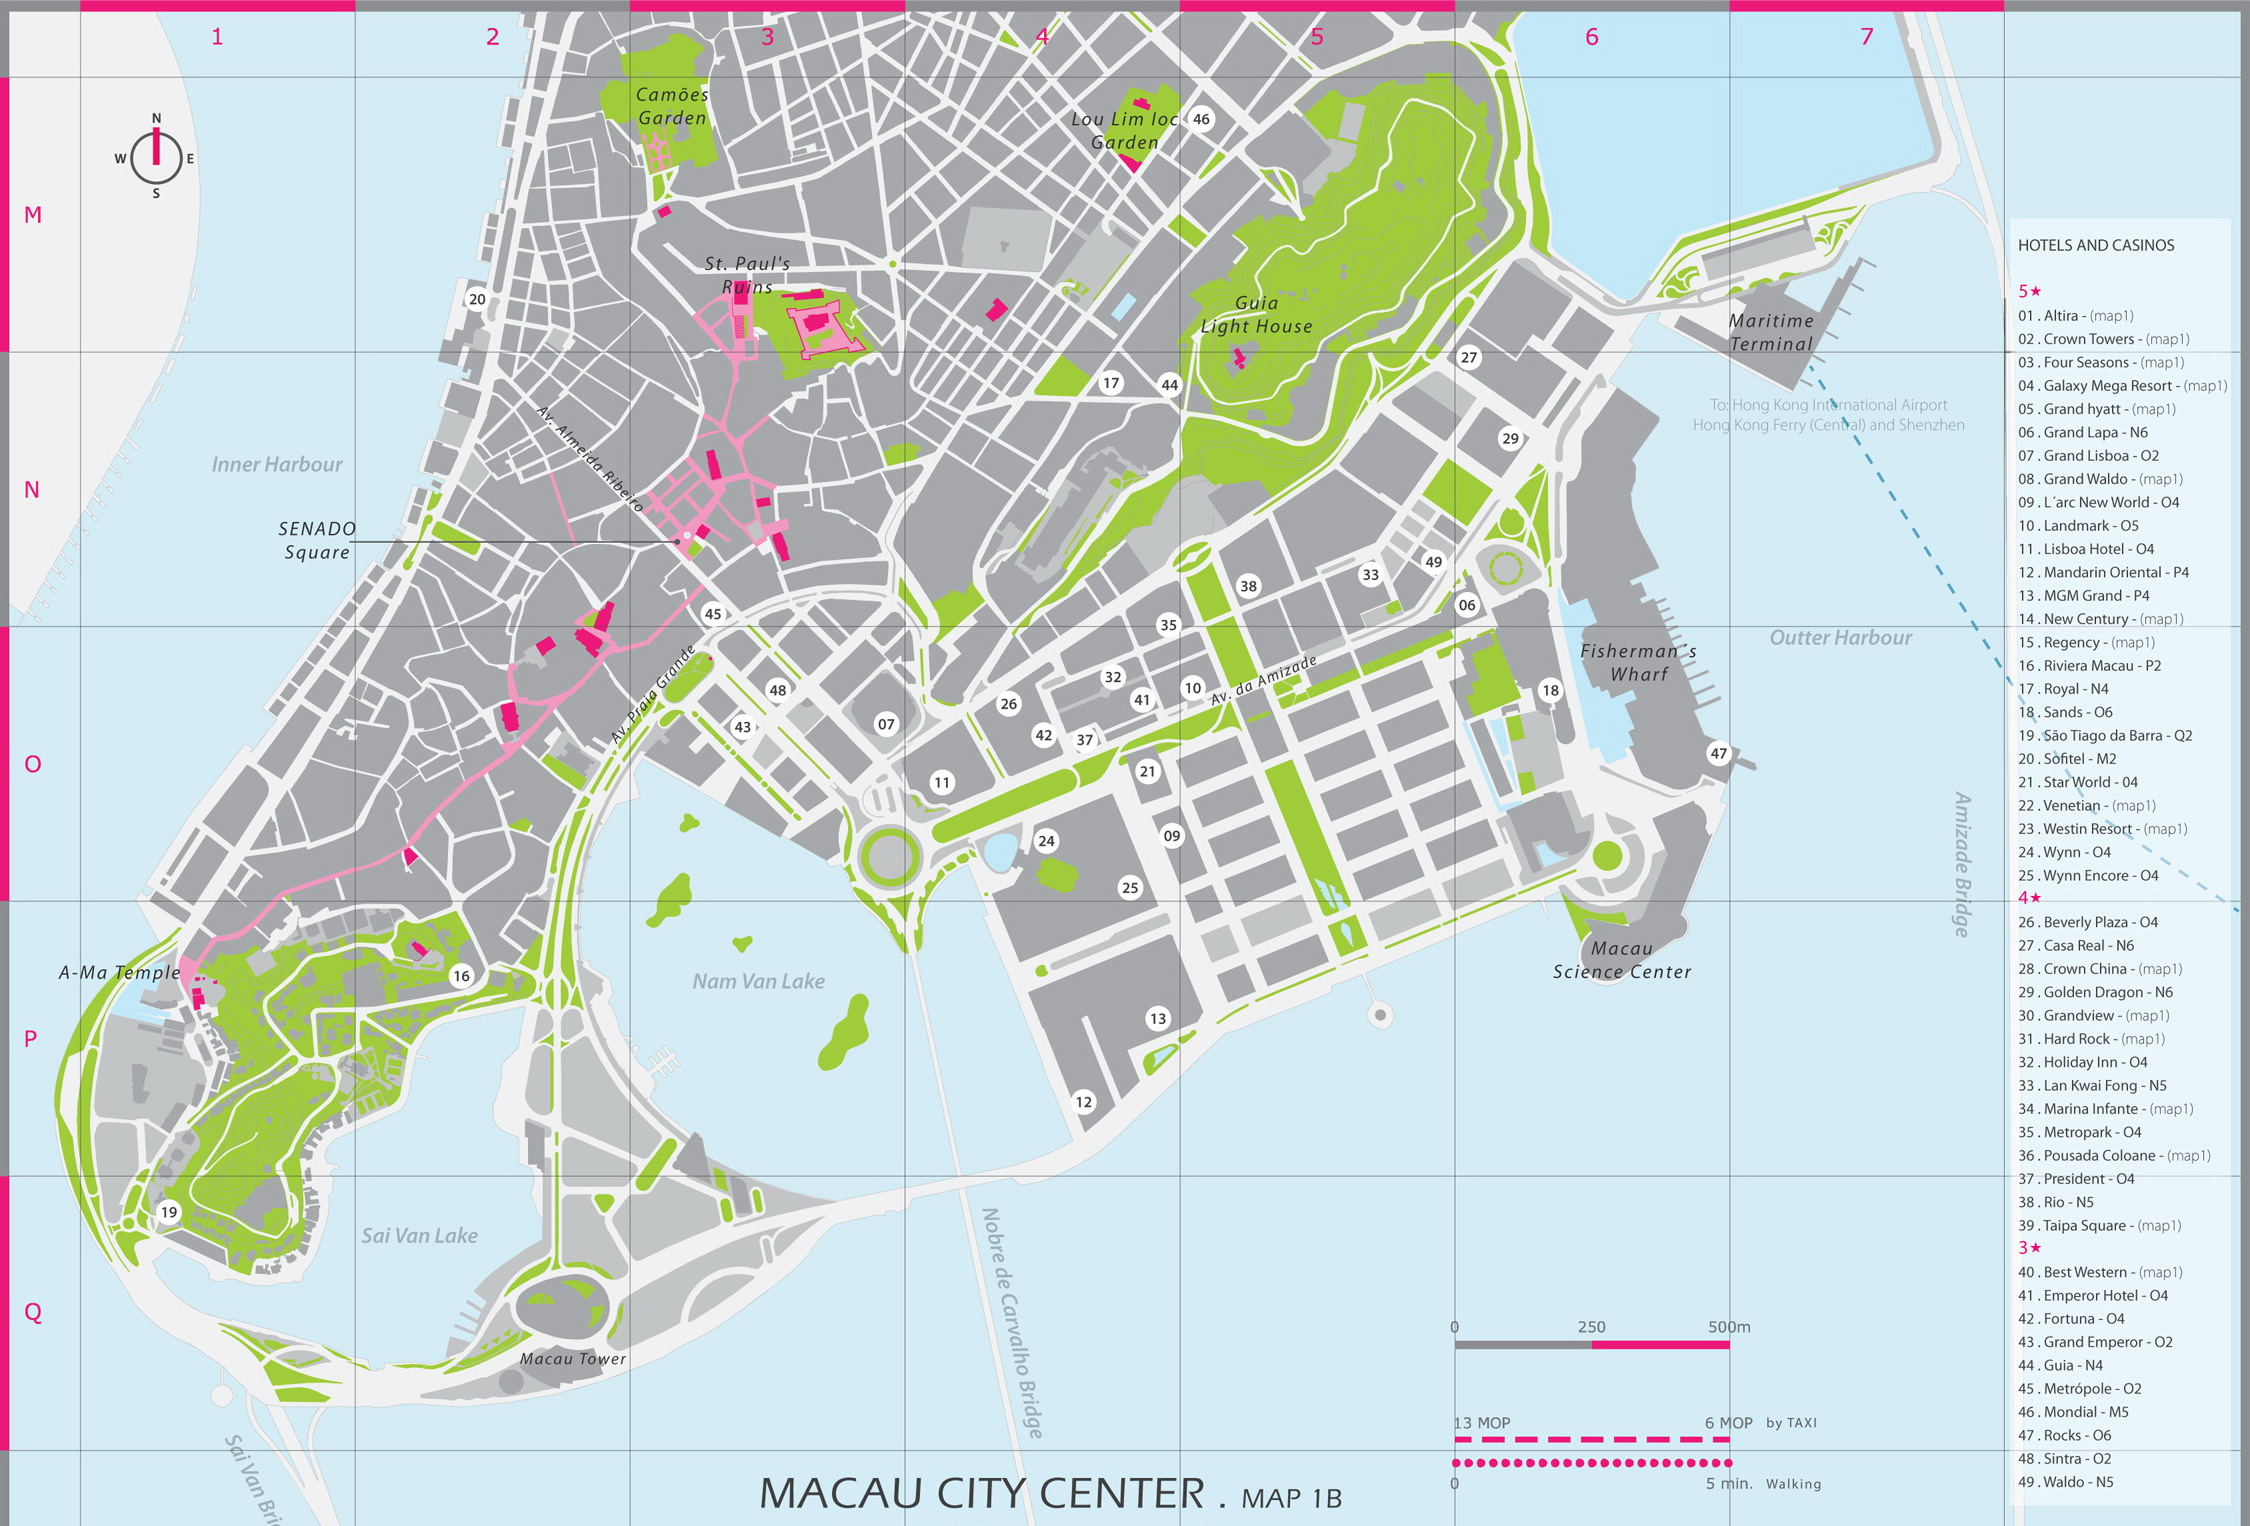 Macau Travel Map Macau Maps China Tour Advisors - Macau map